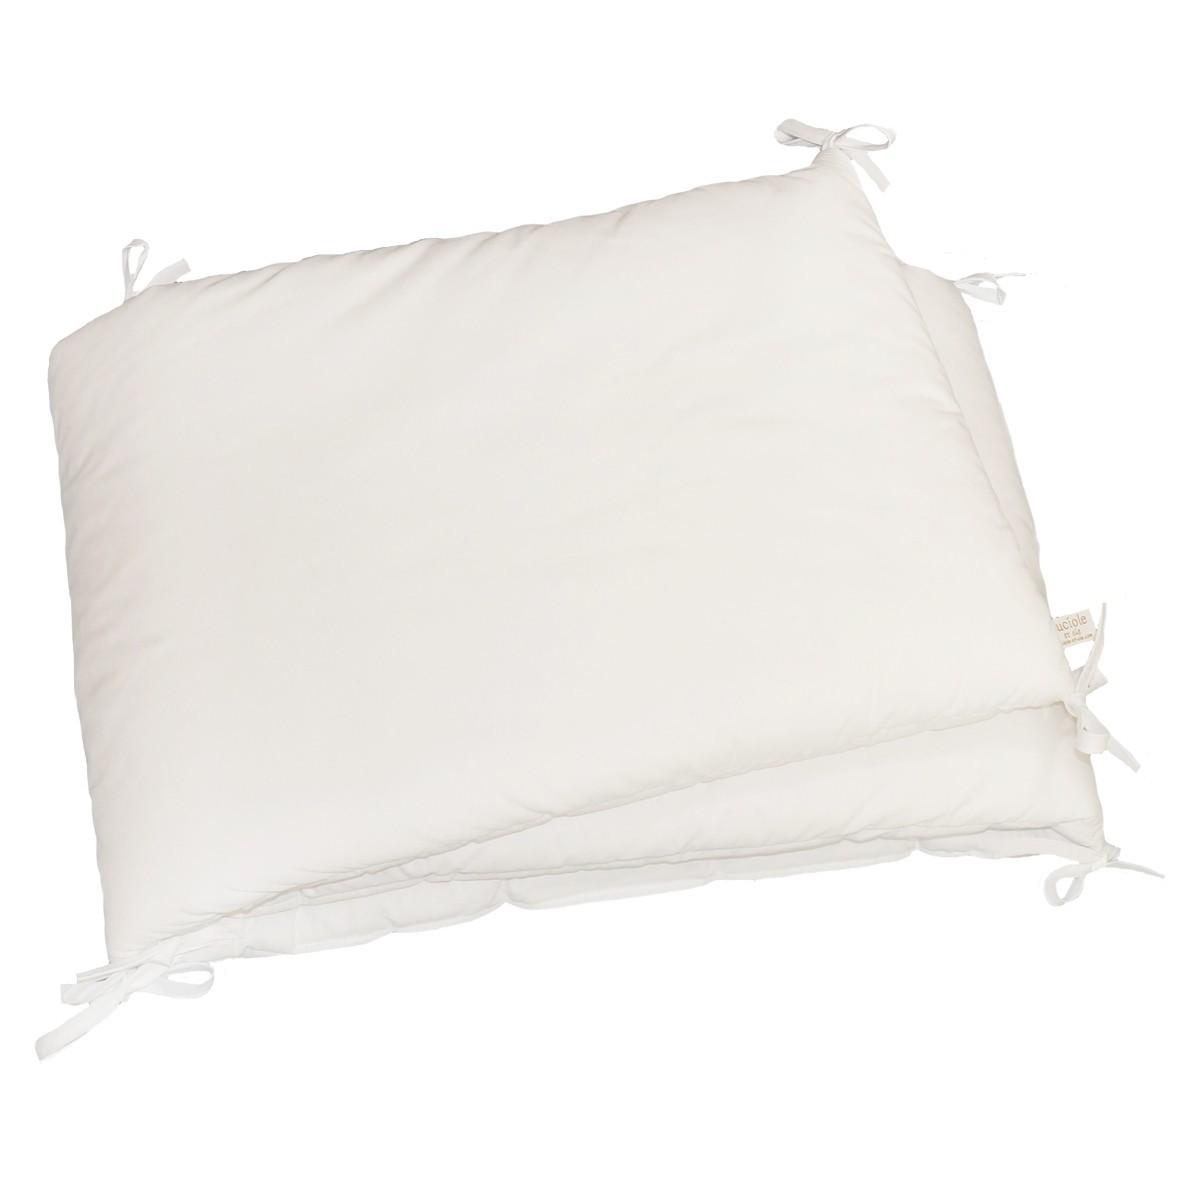 tour de lit bébé blanc uni Tour de lit blanc en percale de coton   Fabrication française tour de lit bébé blanc uni